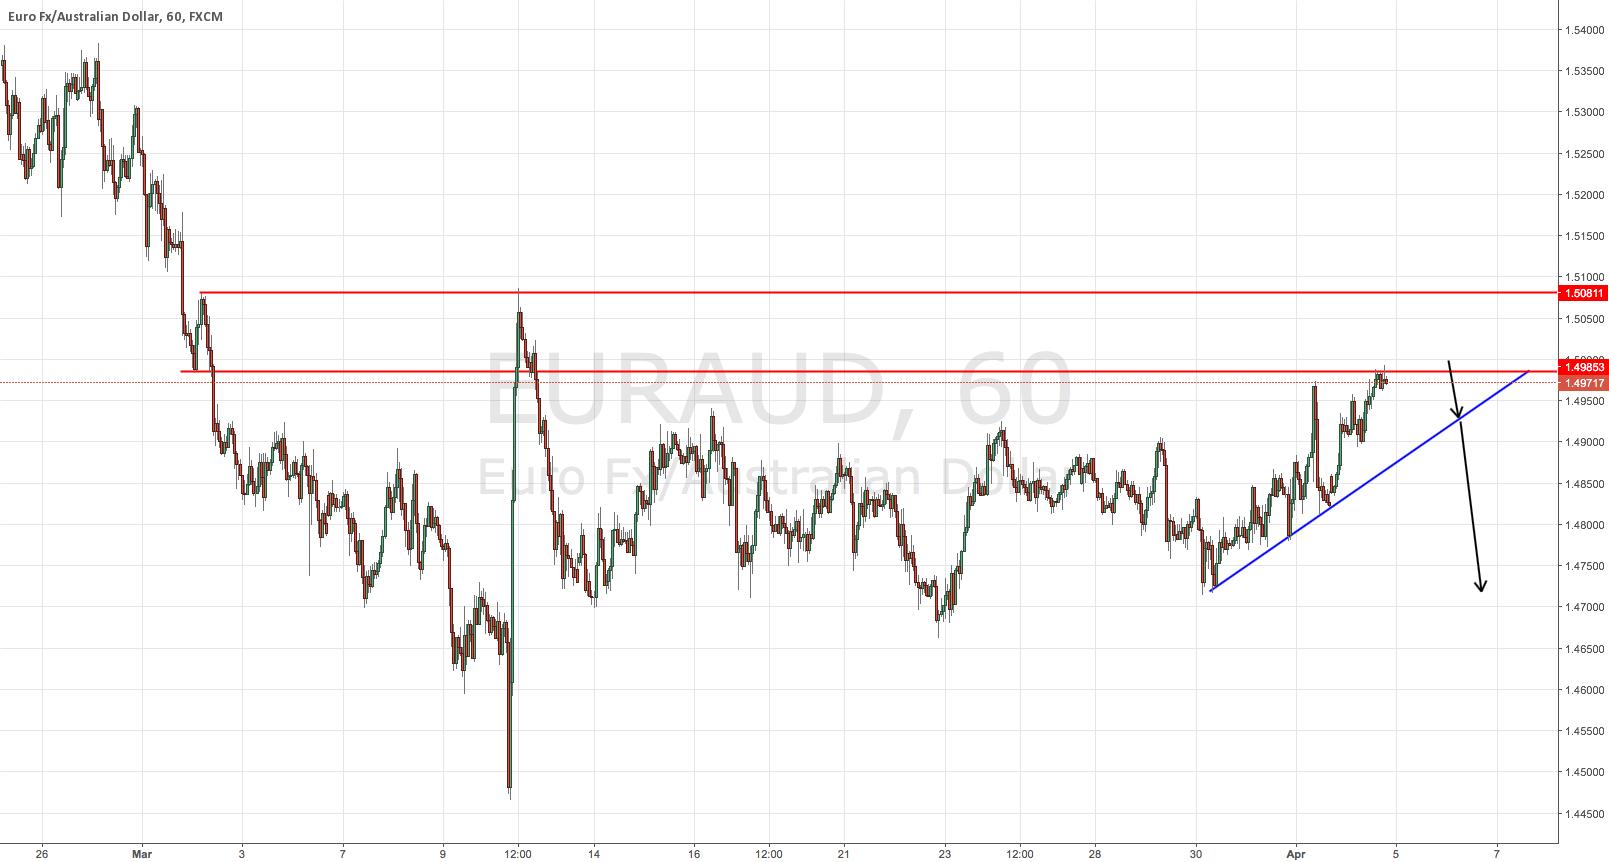 EURUAD Potential Short Signal Update